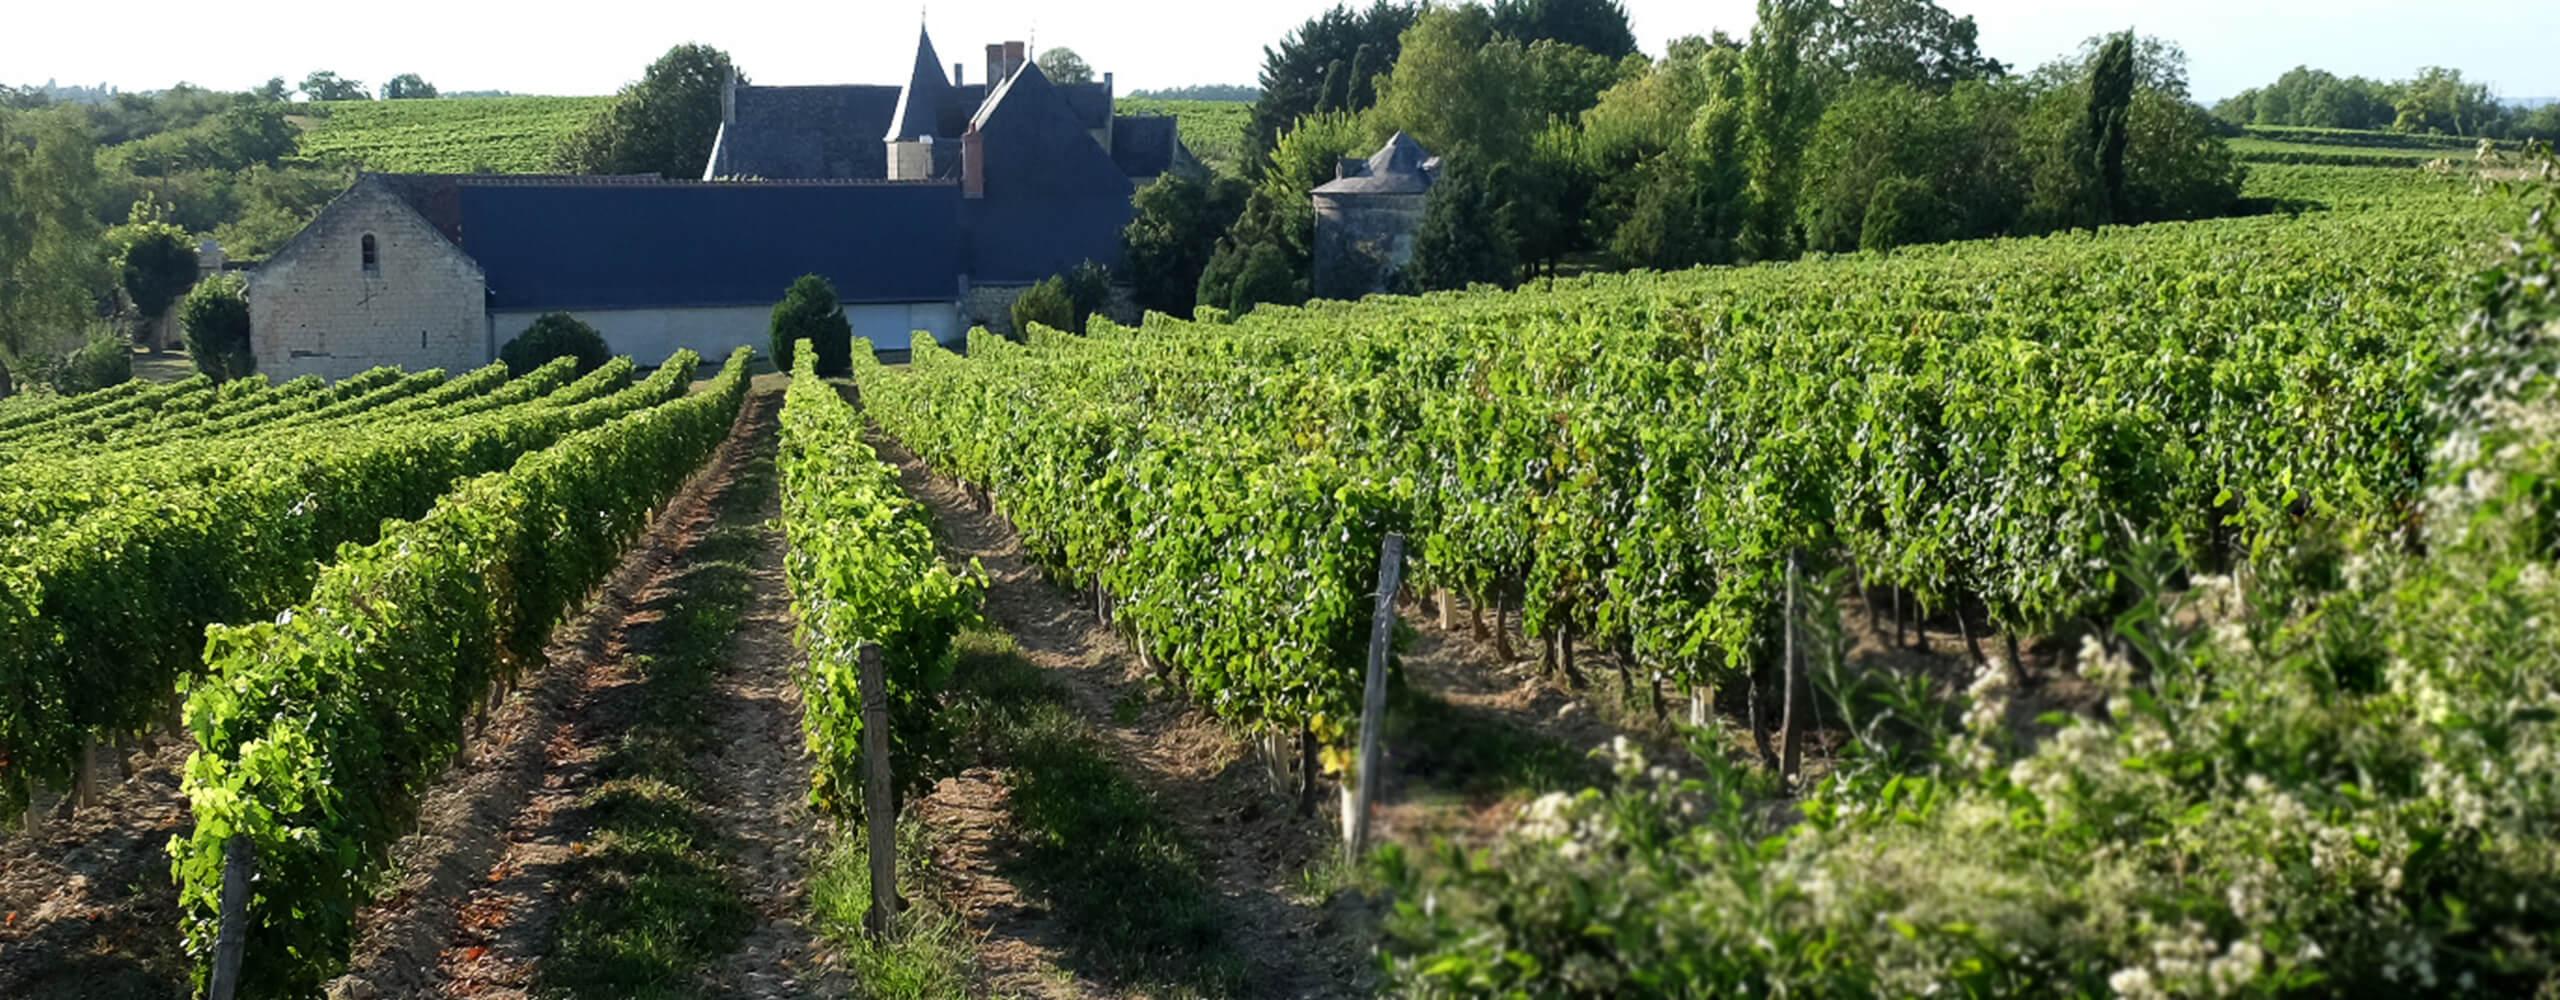 Clos de Danzay, vignobles AOC Chinon exploité, par Angélique Léon